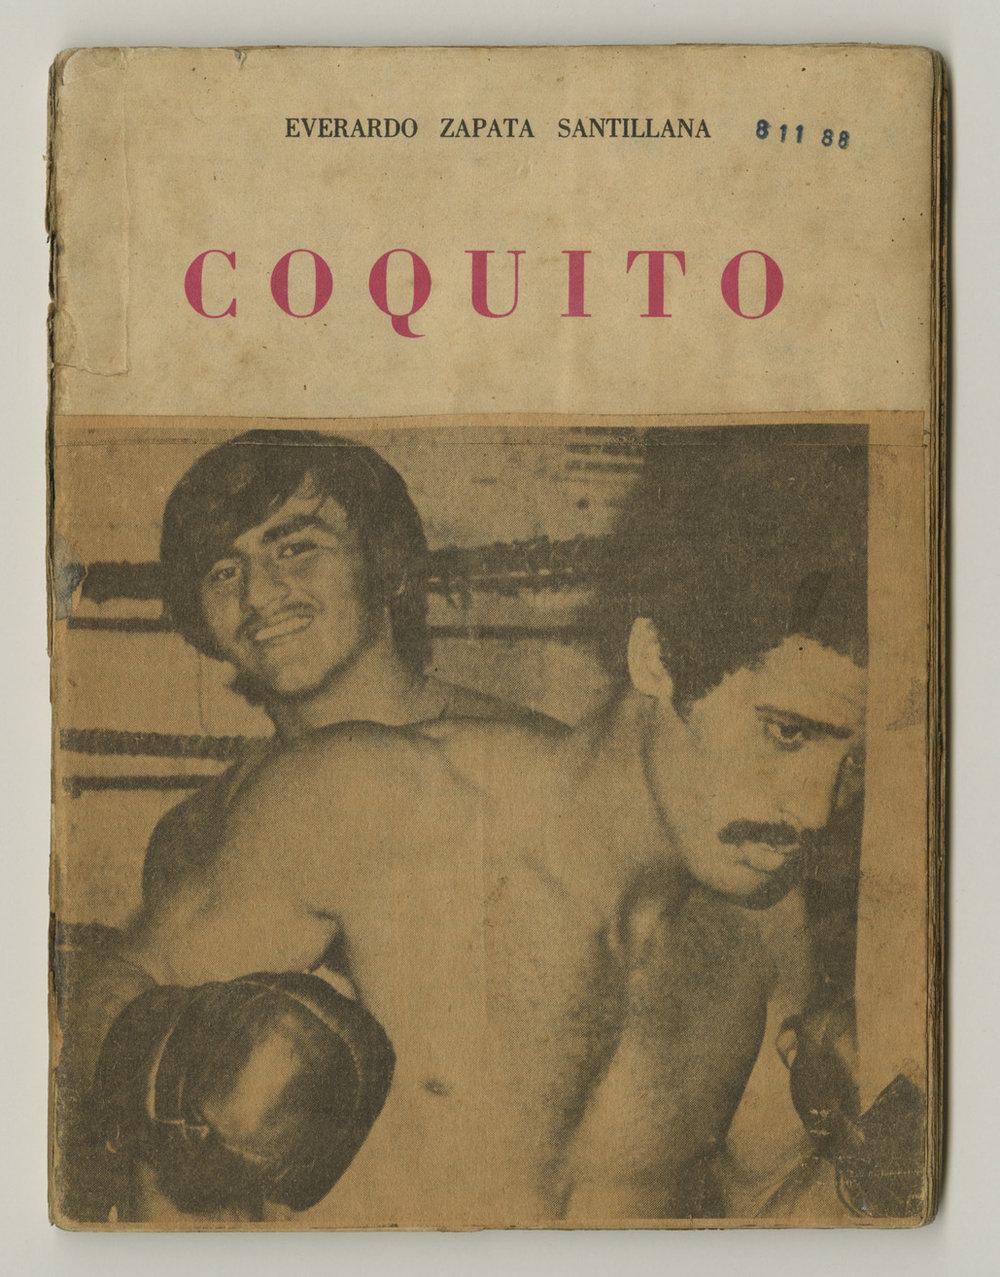 Livre A. Barrios - Coquito 01-300ld.jpg